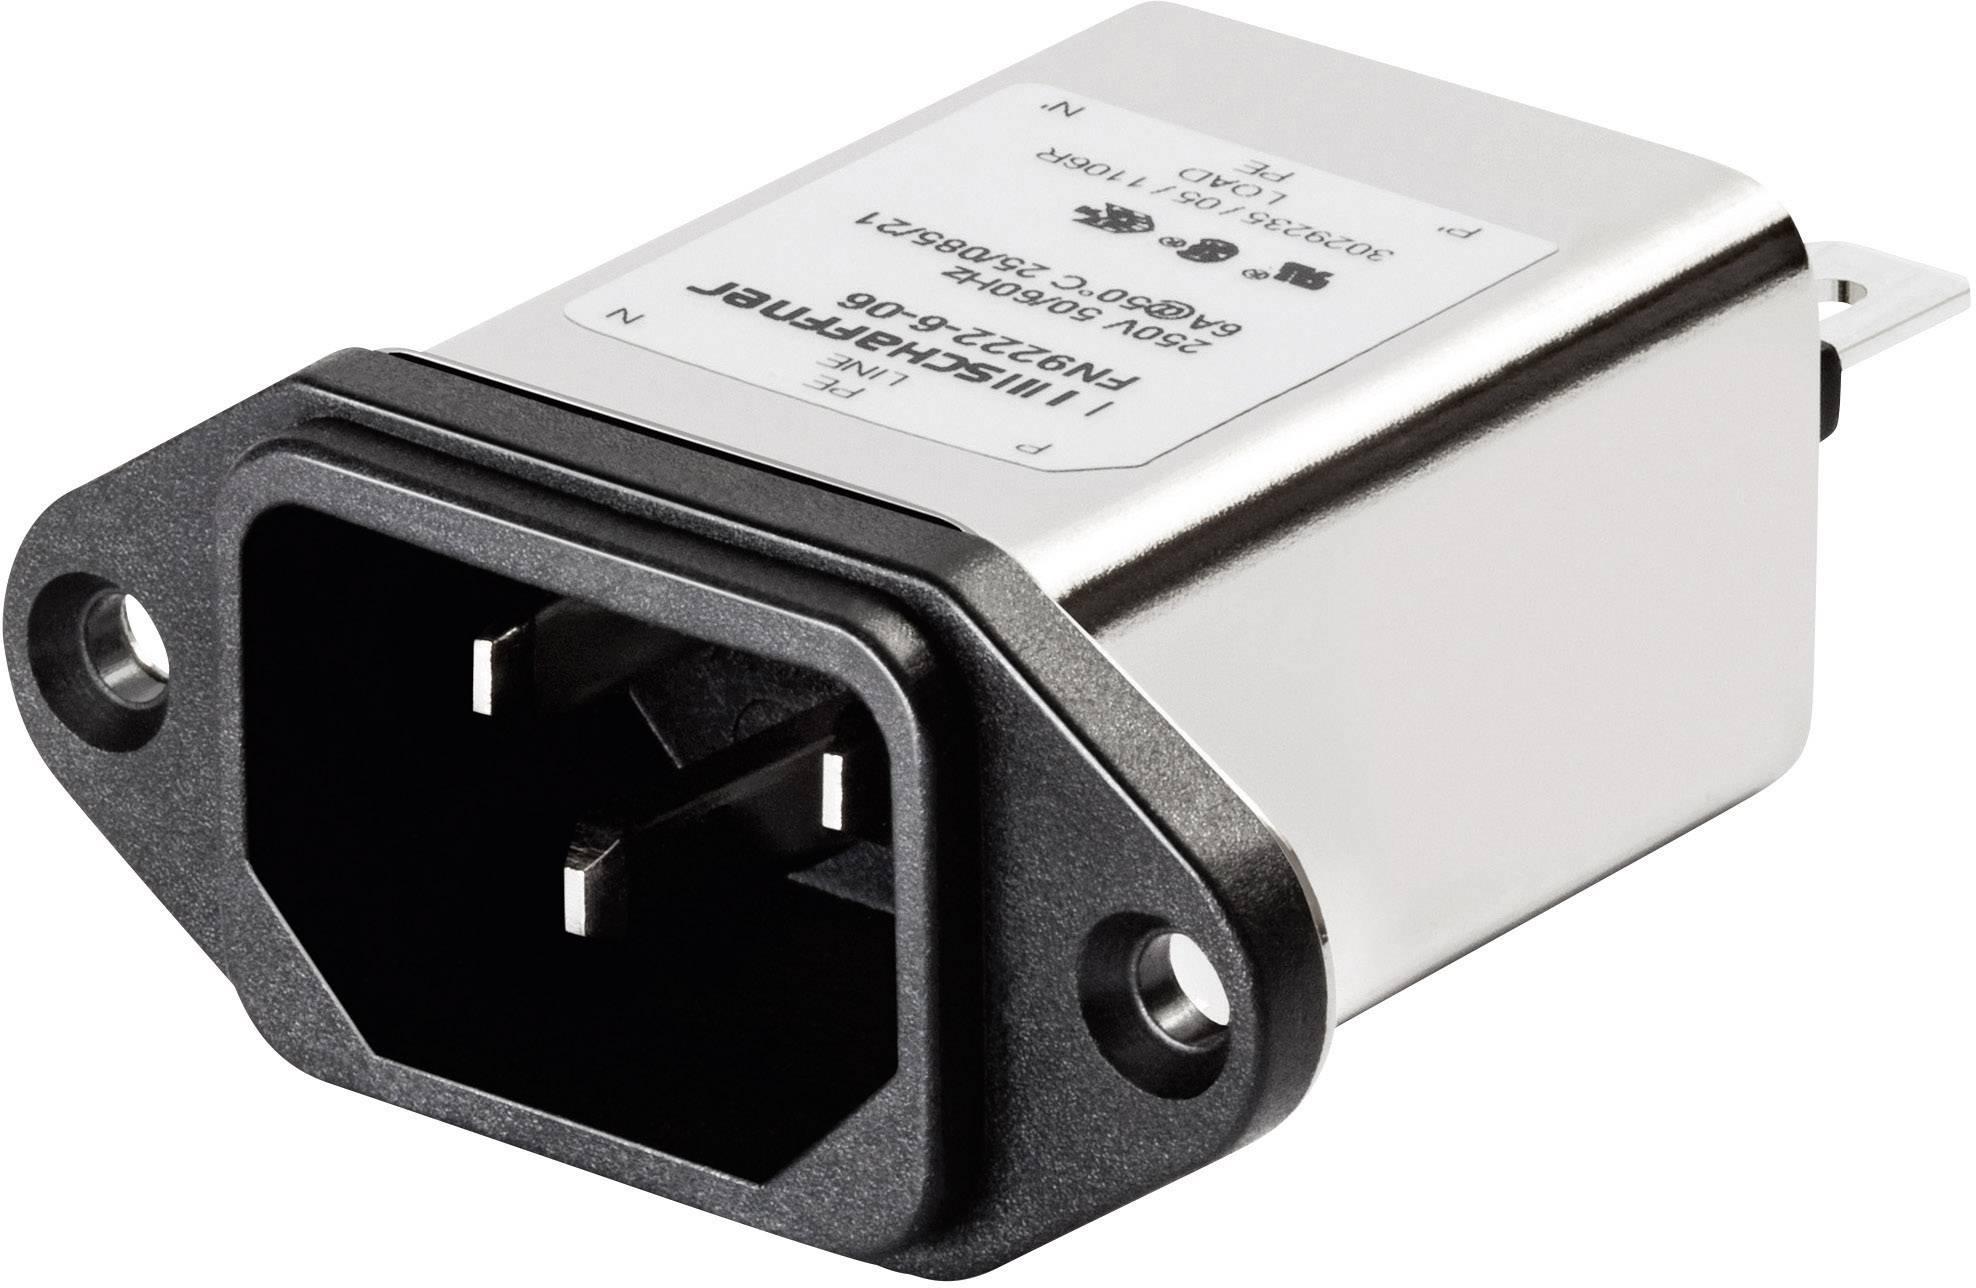 Sieťový filter Schaffner FN 9222-1-06 FN 9222-1-06, s IEC zásuvkou, 250 V/AC, 1 A, 12 mH, (š x v) 48 mm x 22.5 mm, 1 ks